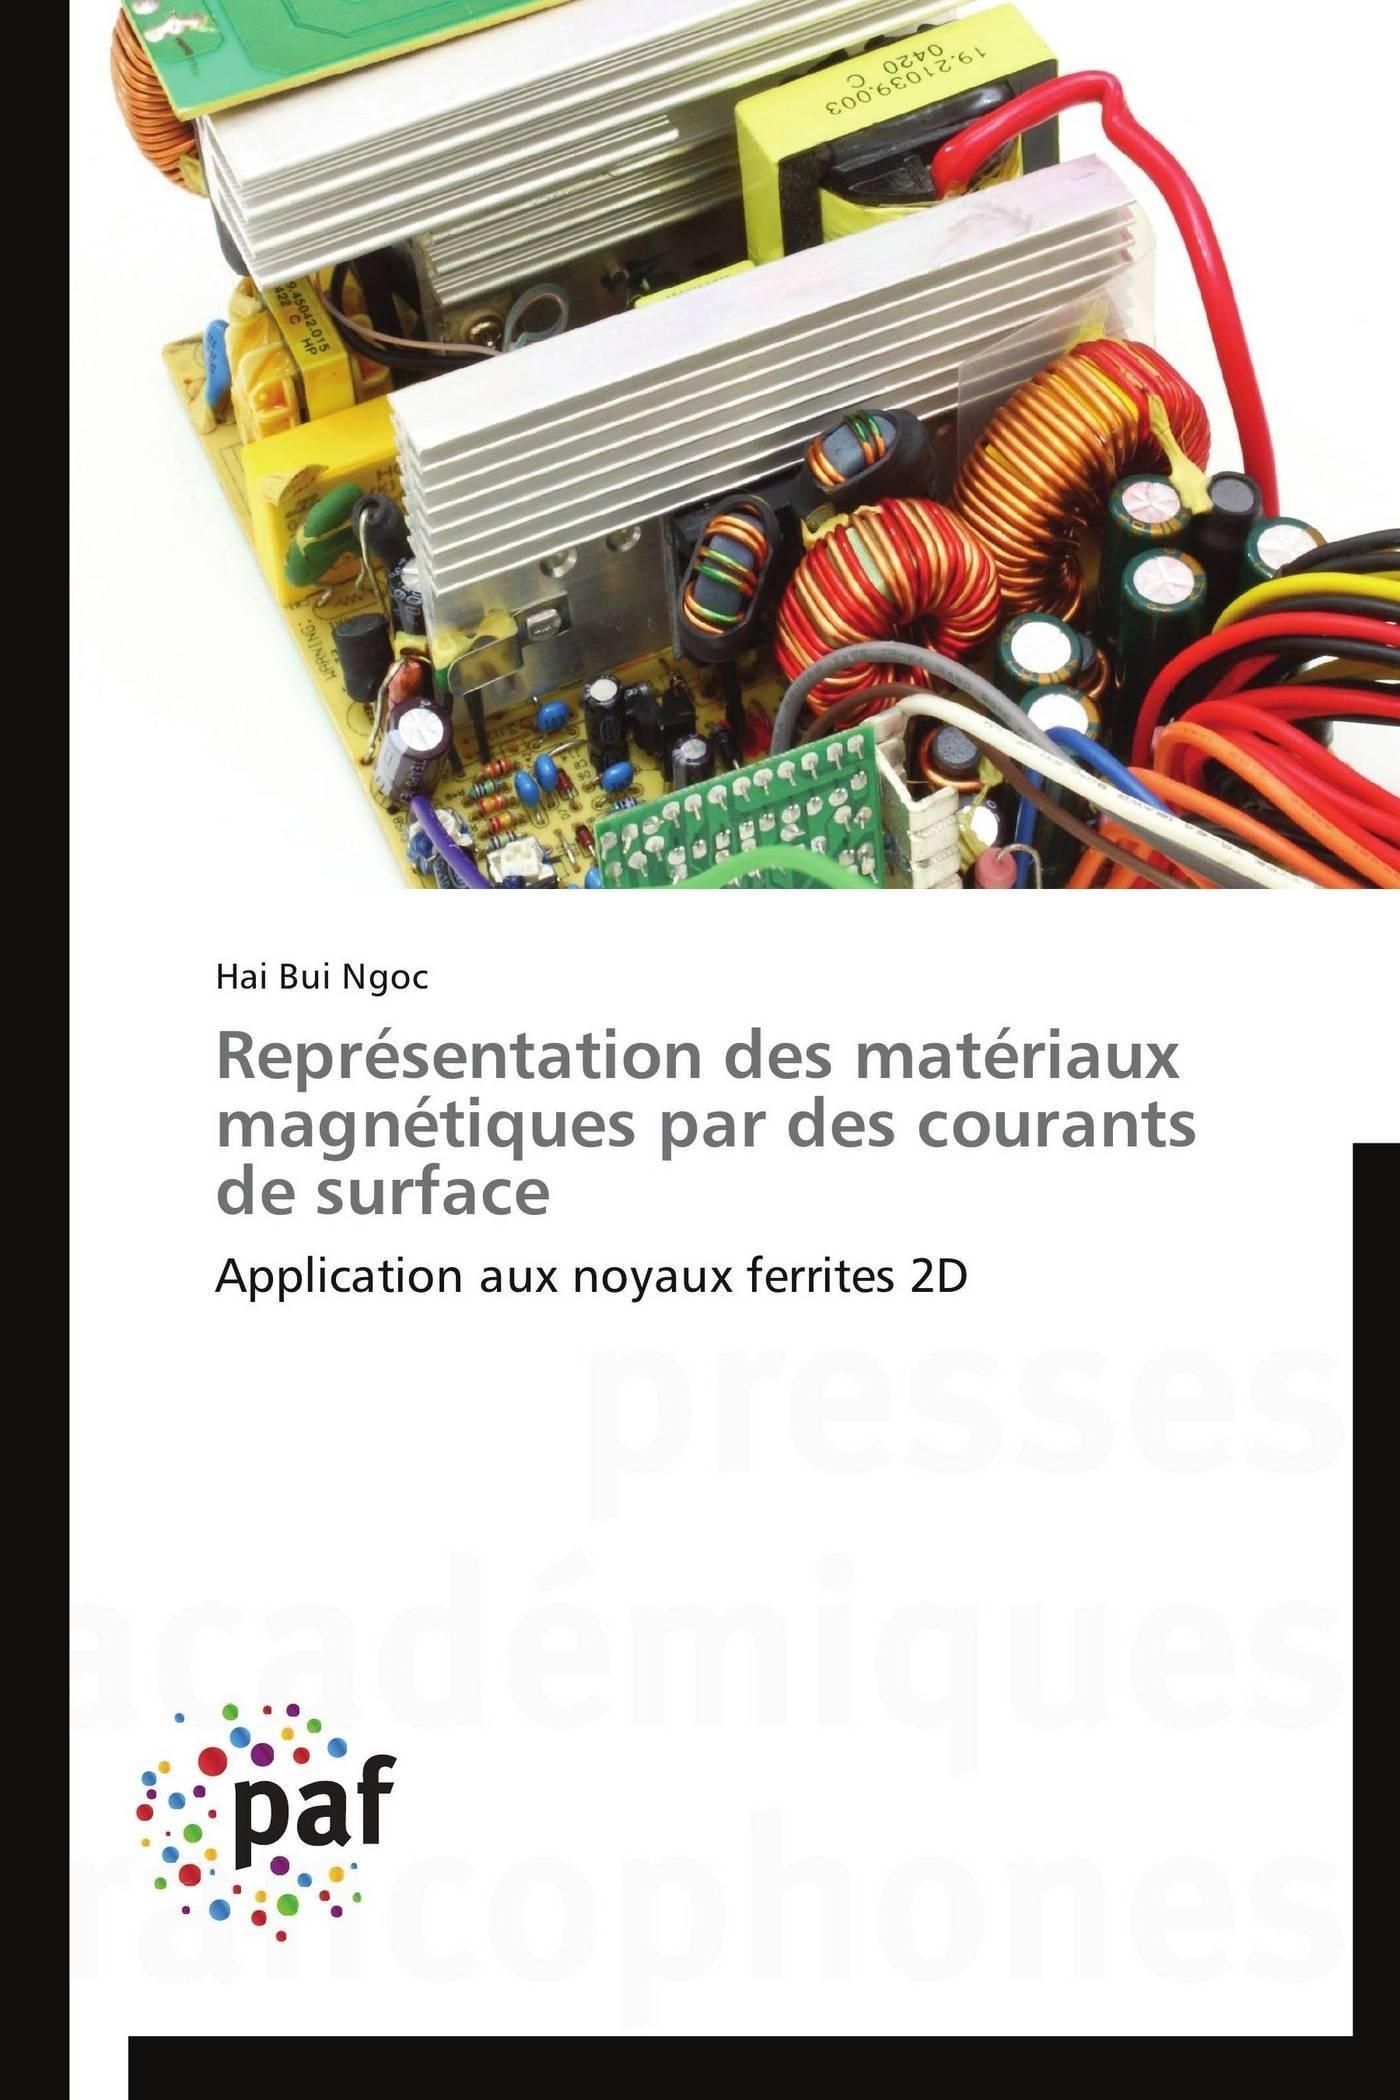 REPRESENTATION DES MATERIAUX MAGNETIQUES PAR DES COURANTS DE SURFACE